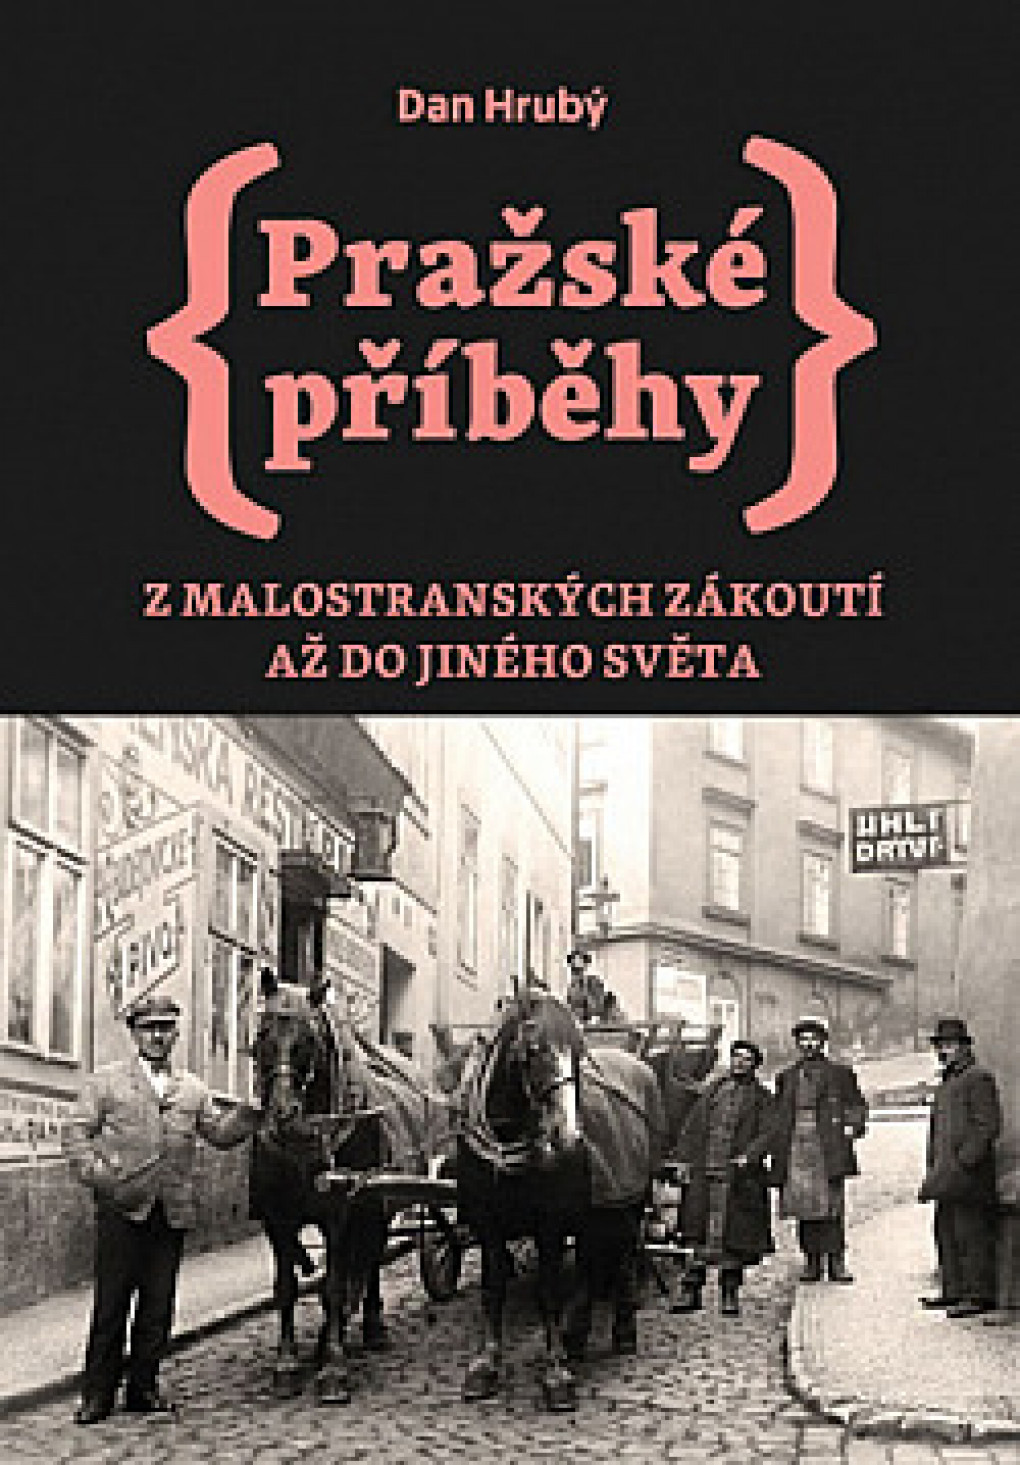 prazske_pribehy_3.jpg